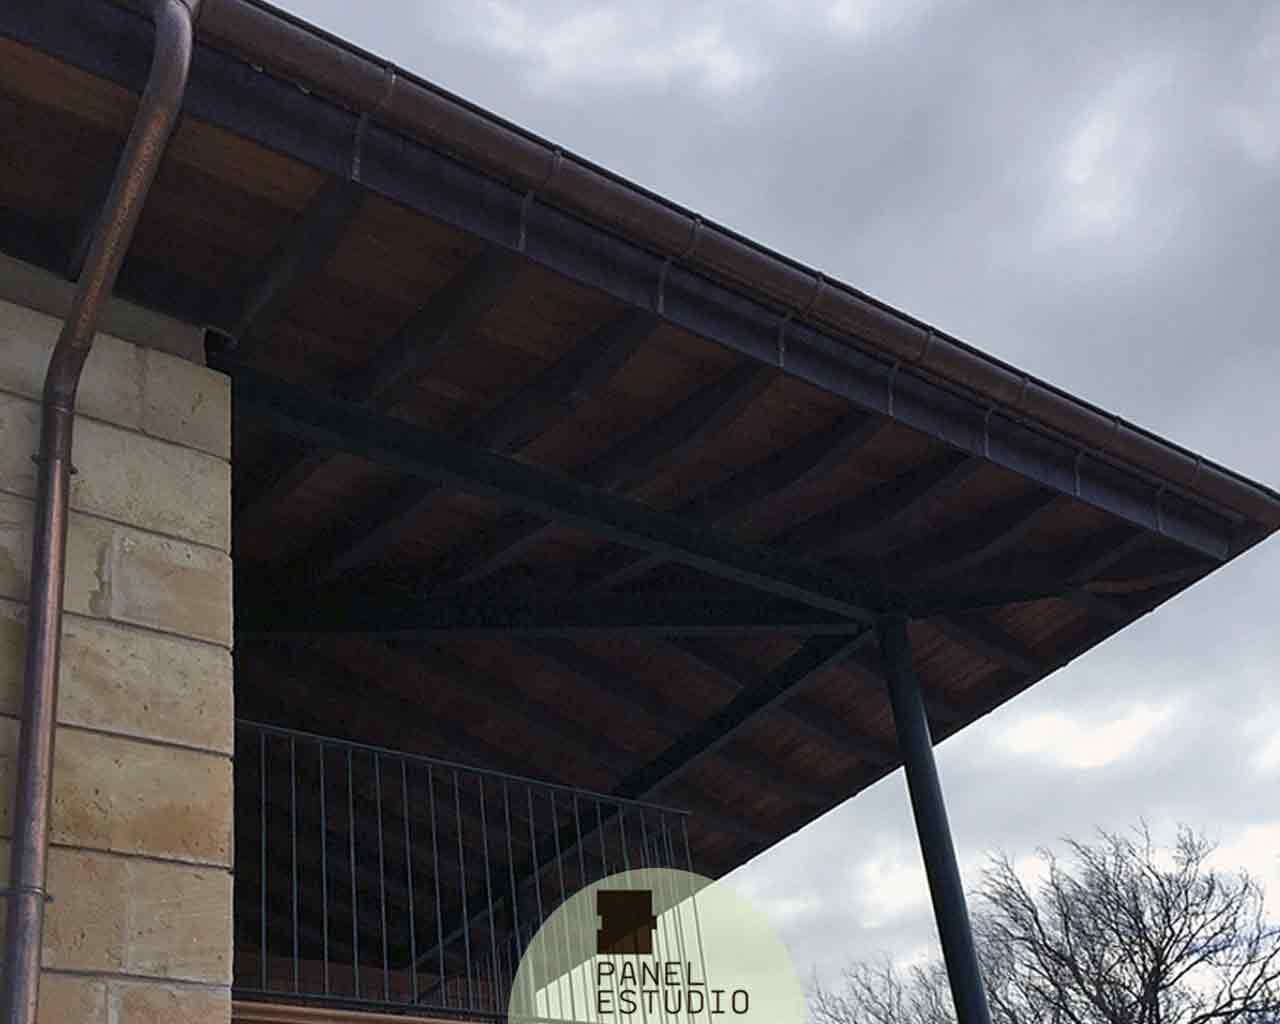 Madera de iroko para cubiertas, suelos y paredes. Panel sandwich de madera de iroko con núcleo aislante térmico y acústico.